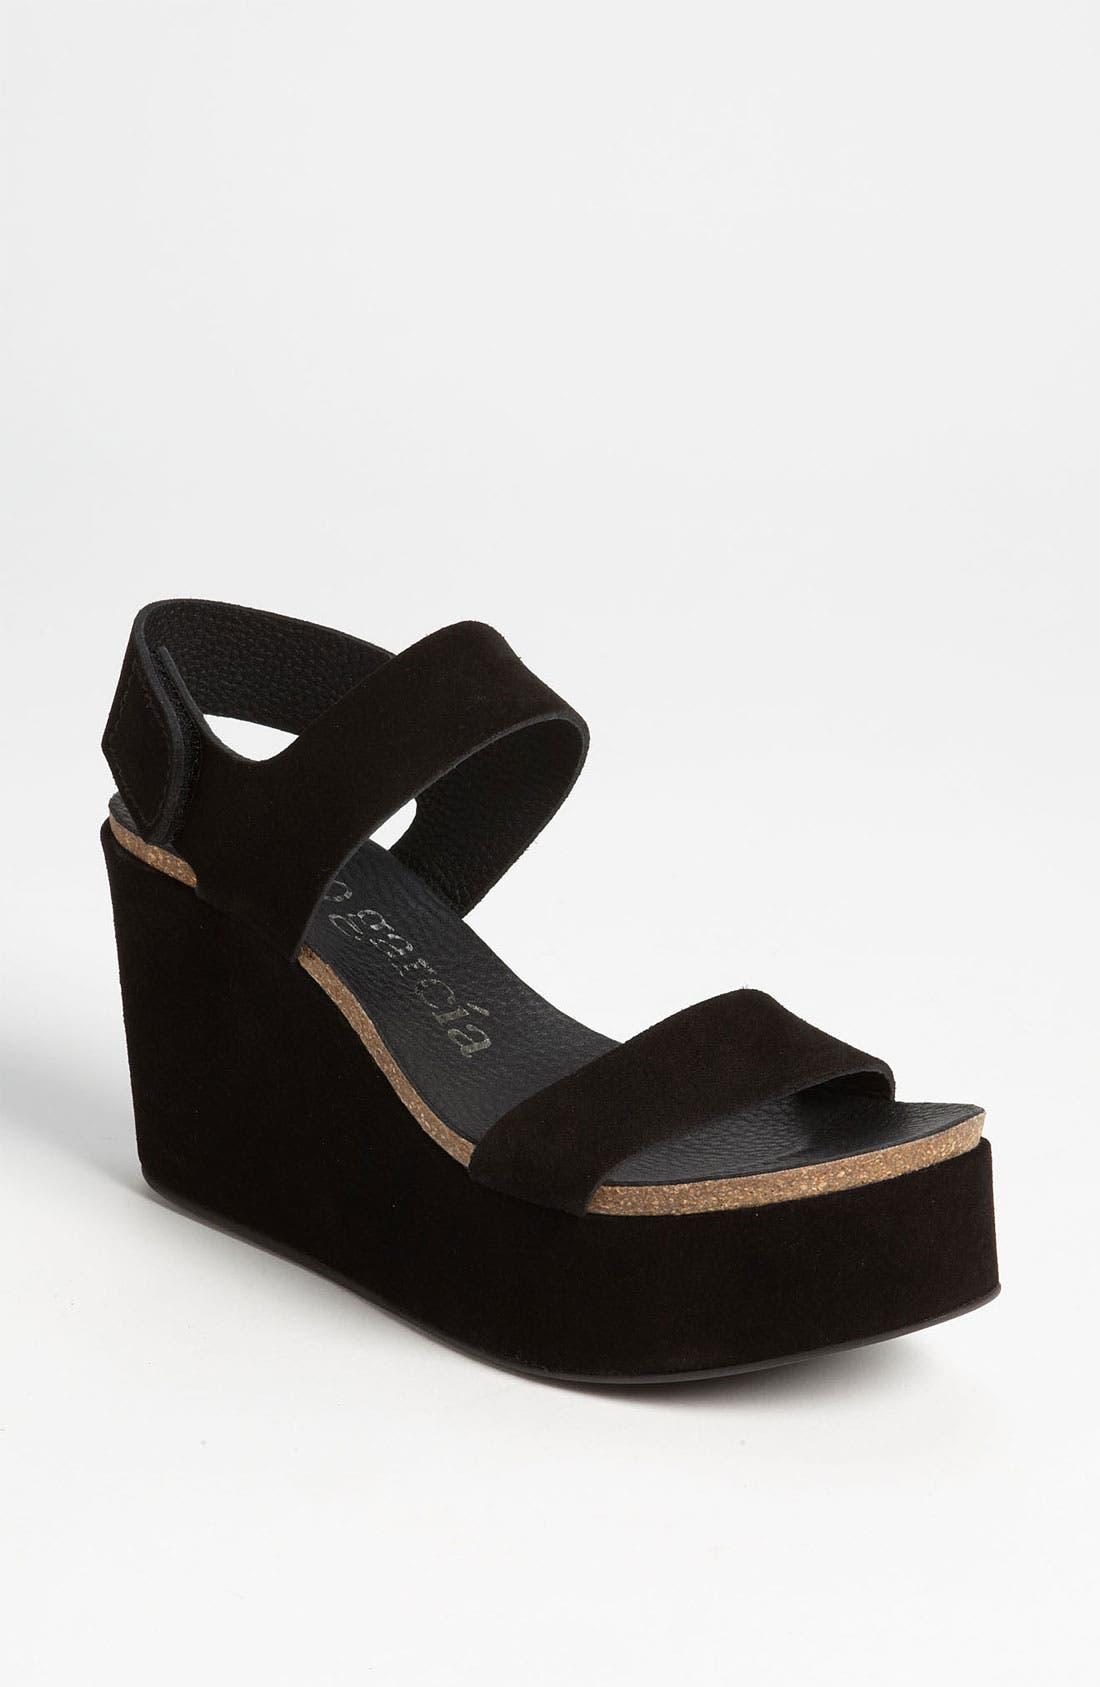 Main Image - Pedro Garcia 'Dakota' Wedge Sandal